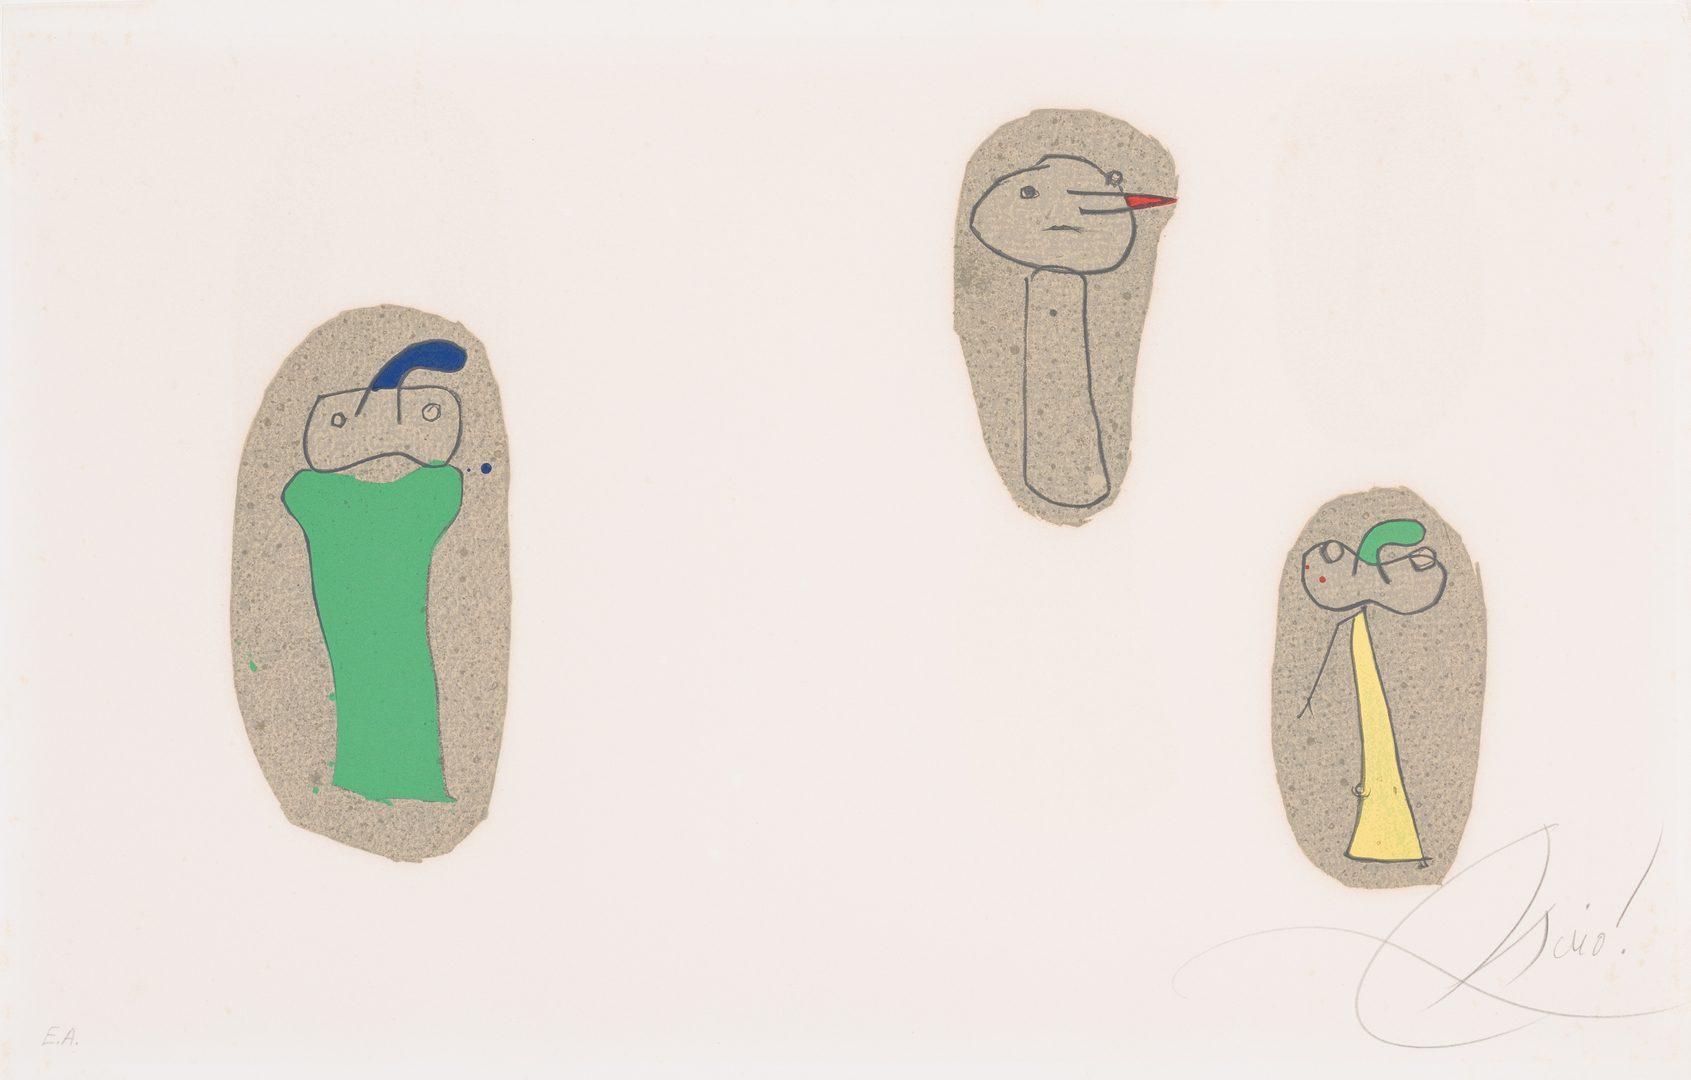 Lot 463: Signed Joan Miro Lithograph, L'Enfance d'Ubu